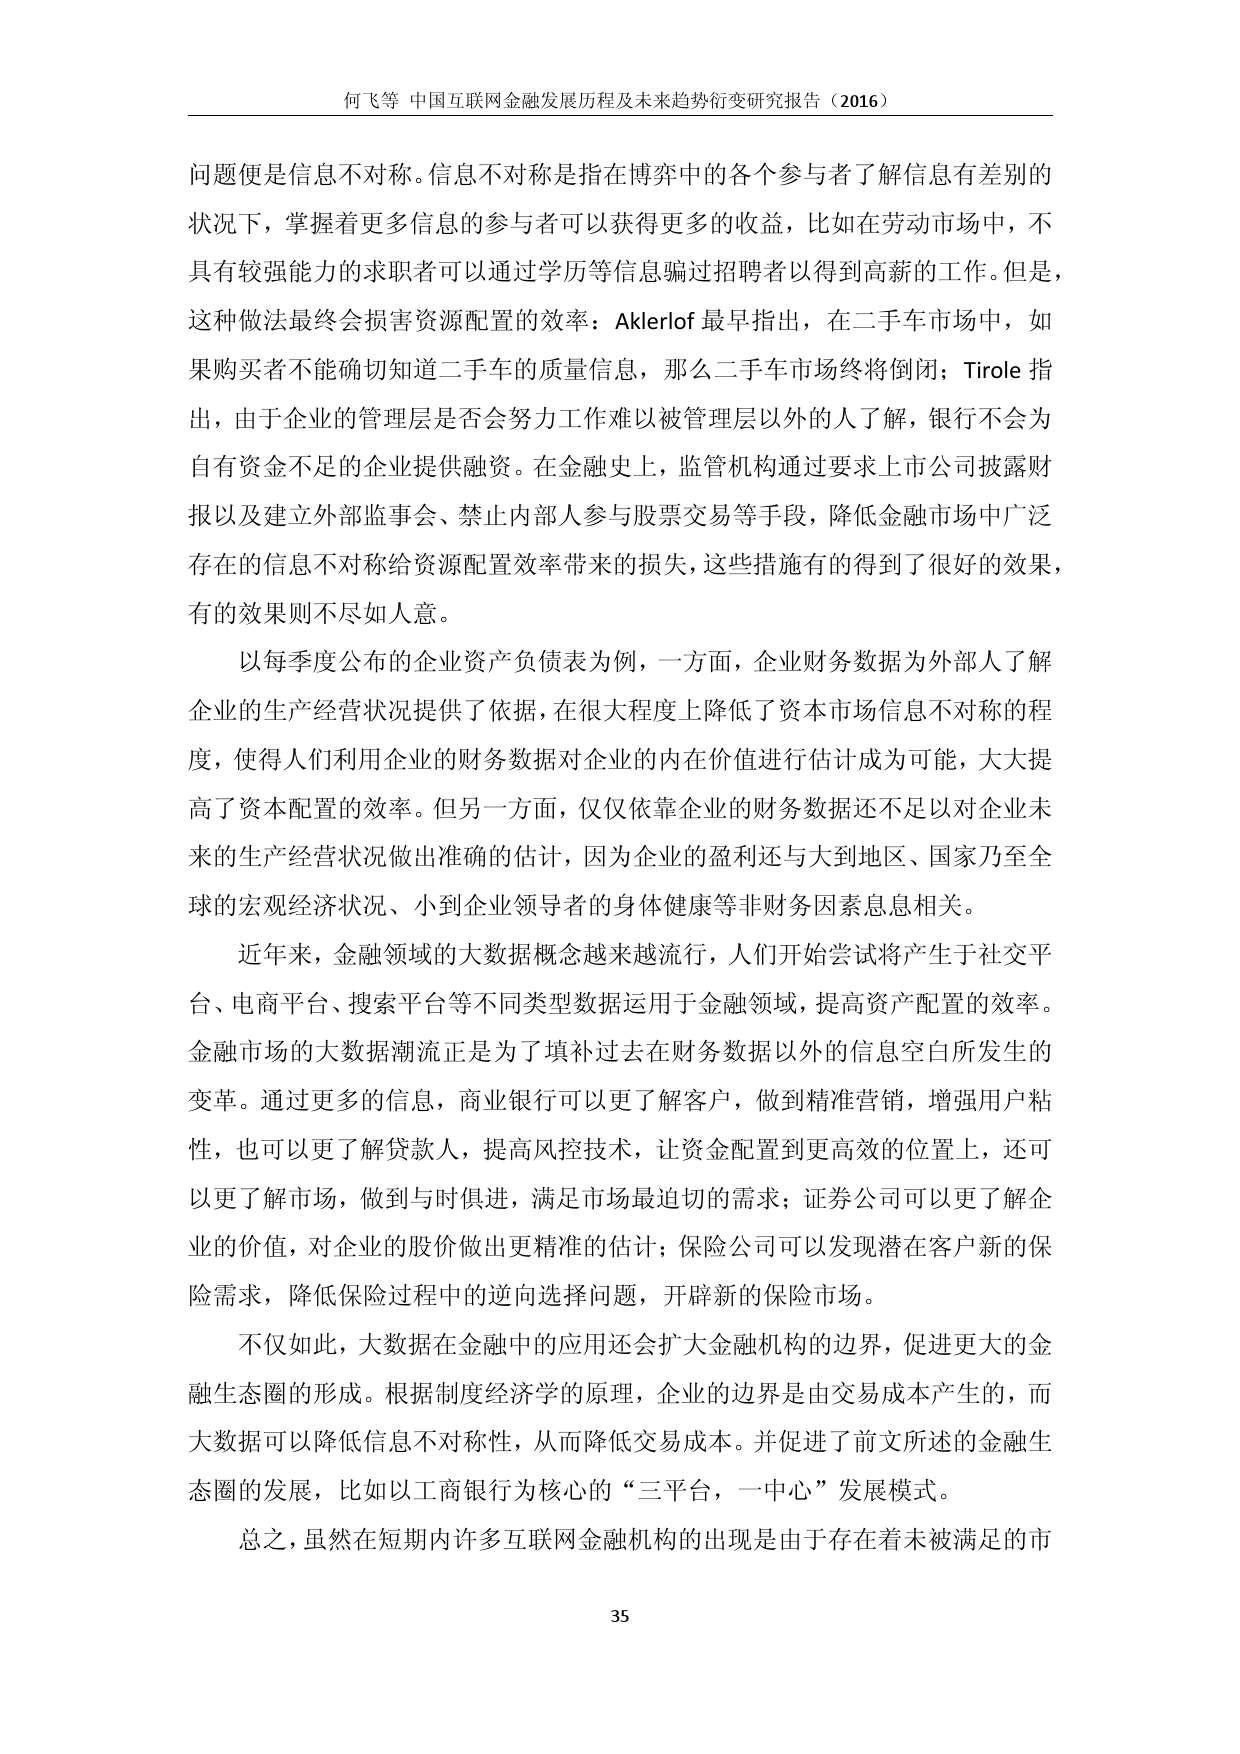 中国互联网金融发展历程及未来趋势衍变研究报告(2016)_000040